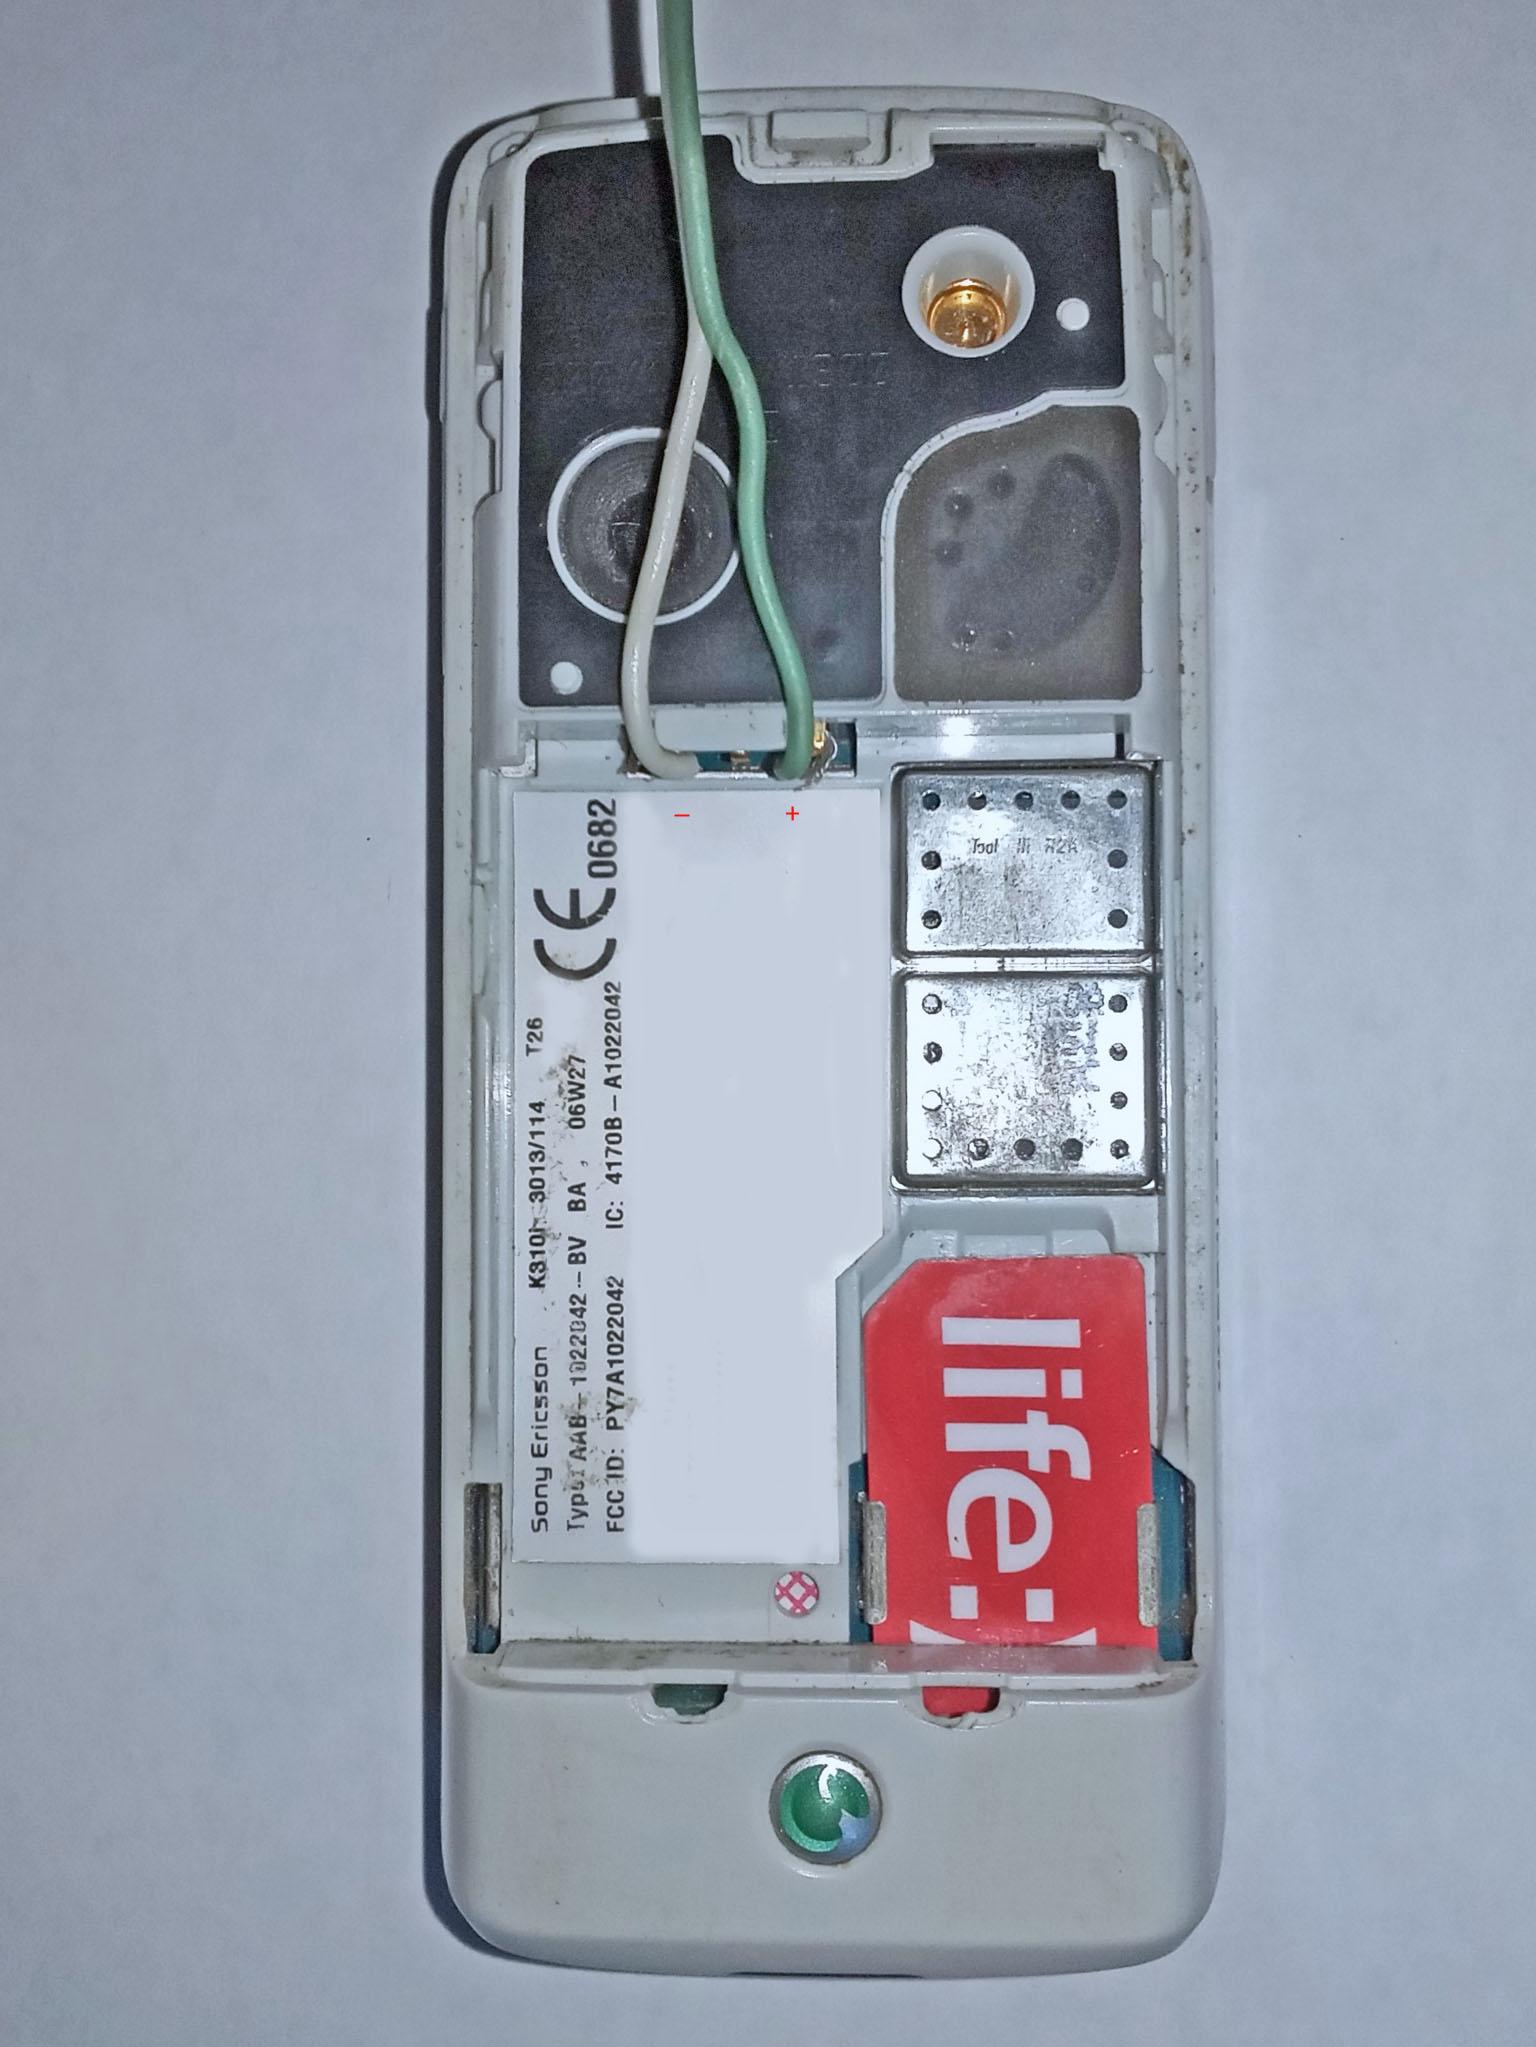 плата подключена к телефону Sony Ericsson K310i